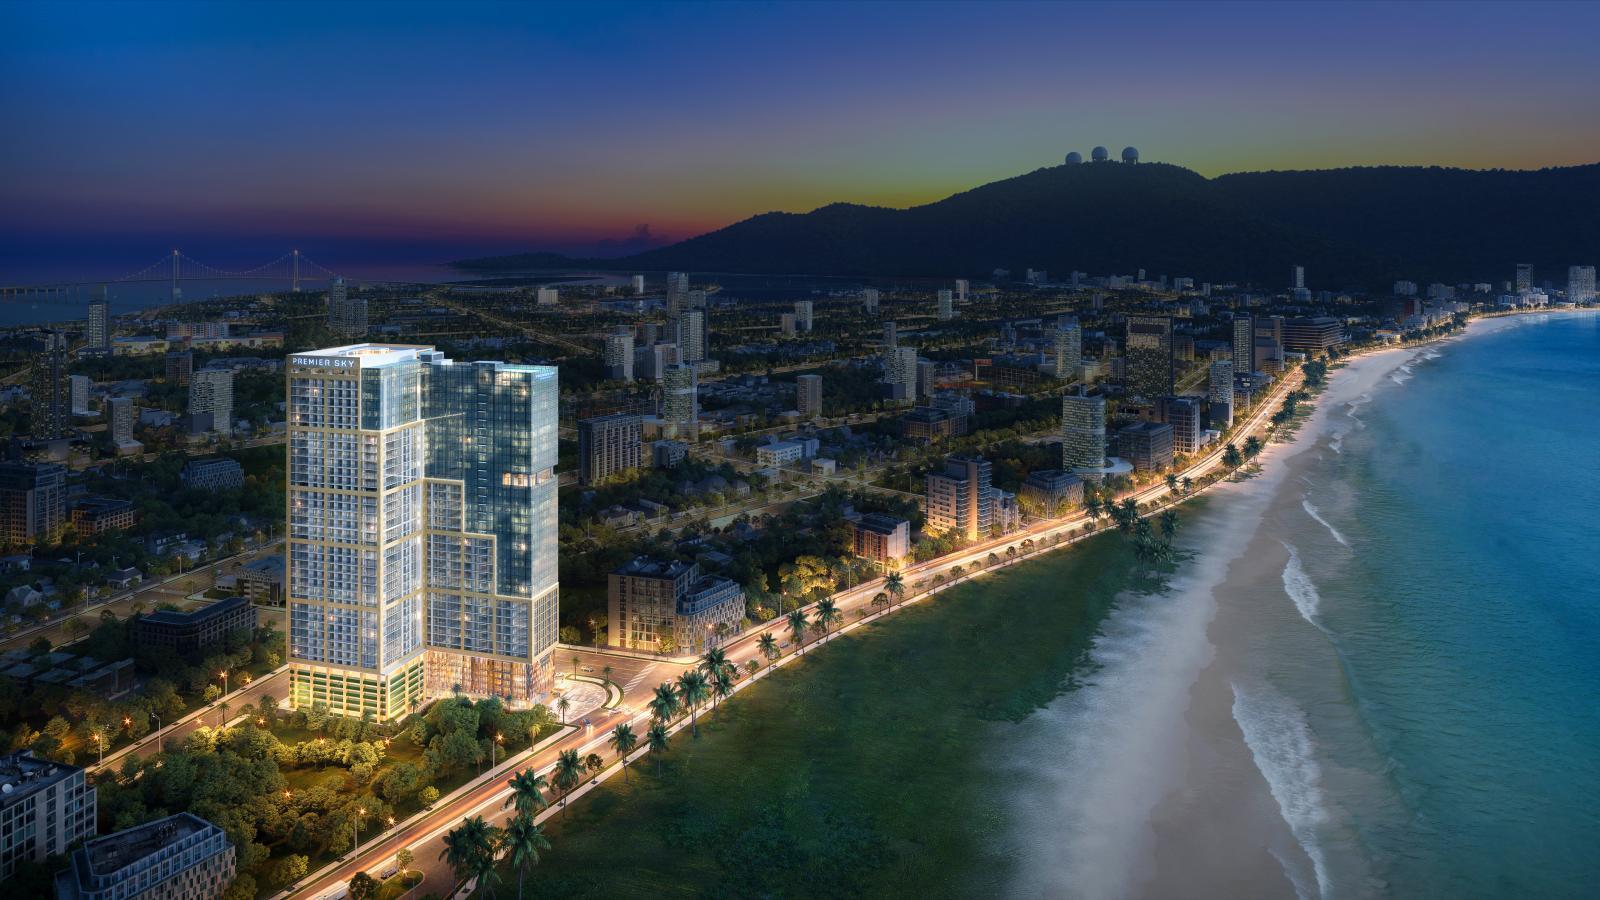 Ảnh phối cảnh nhiều dự án bất động sản nằm sát biển, xen kẽ là cây xanh